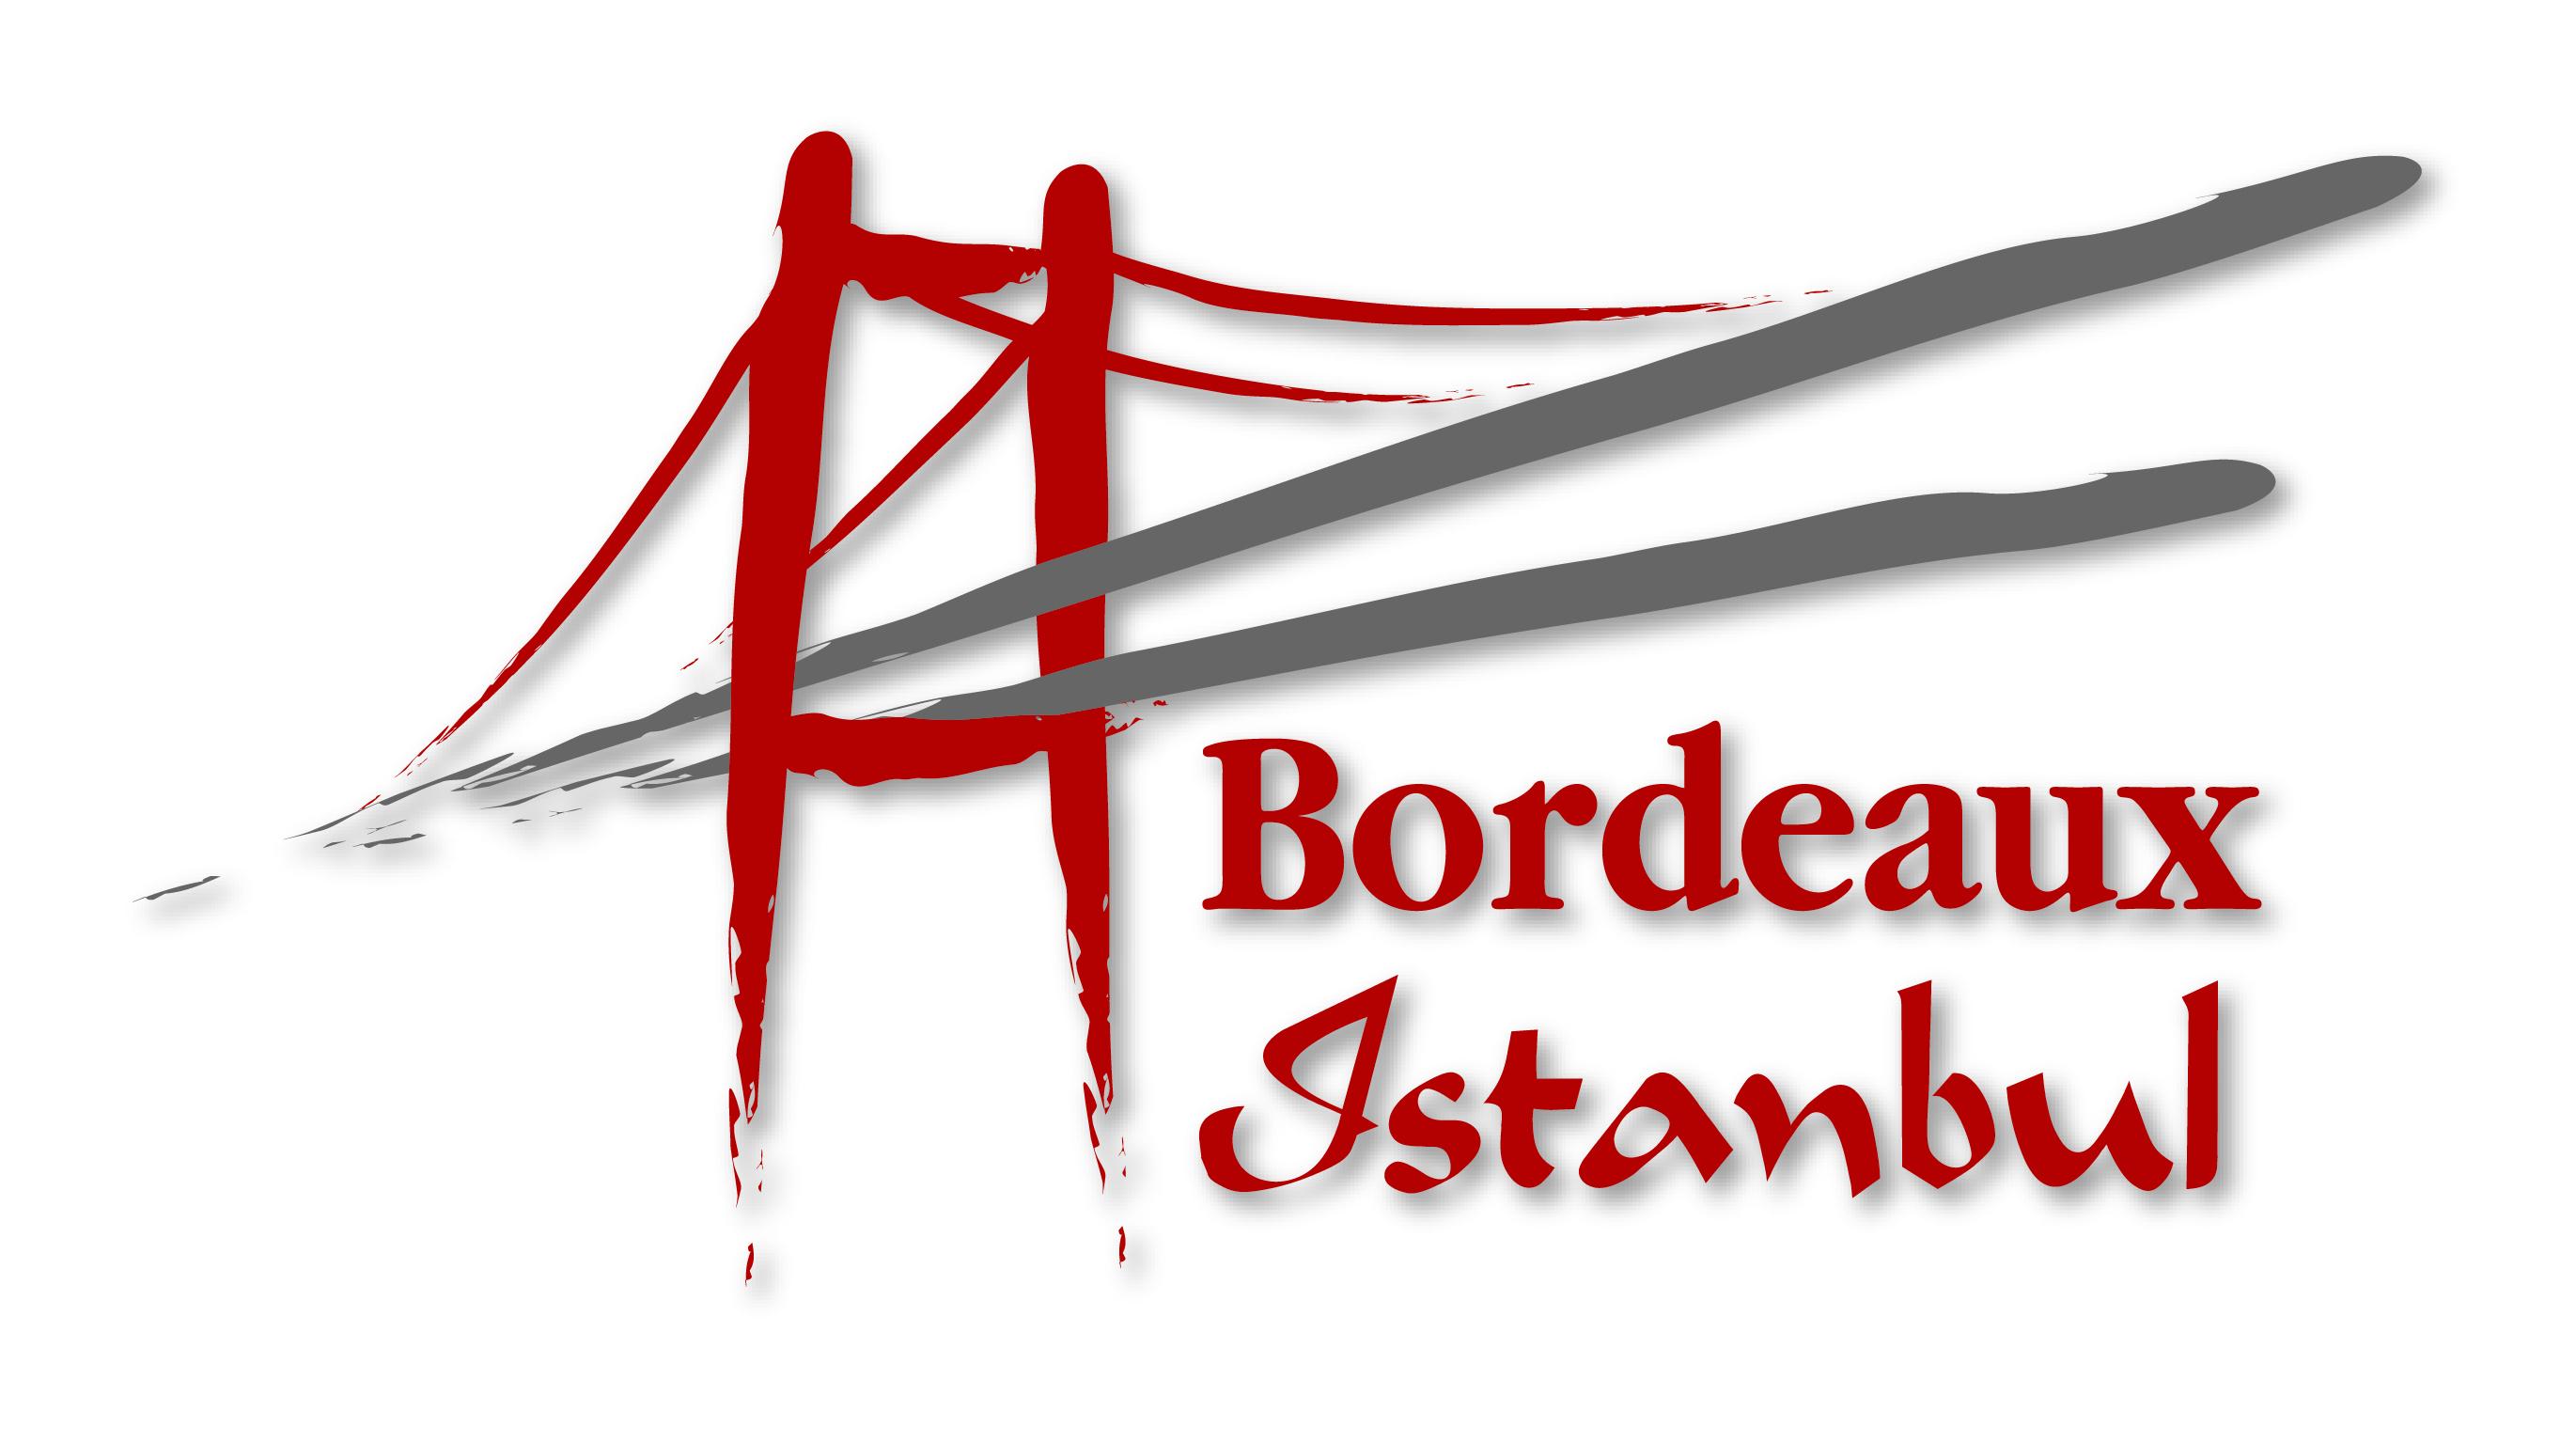 Bordeaux Istanbul